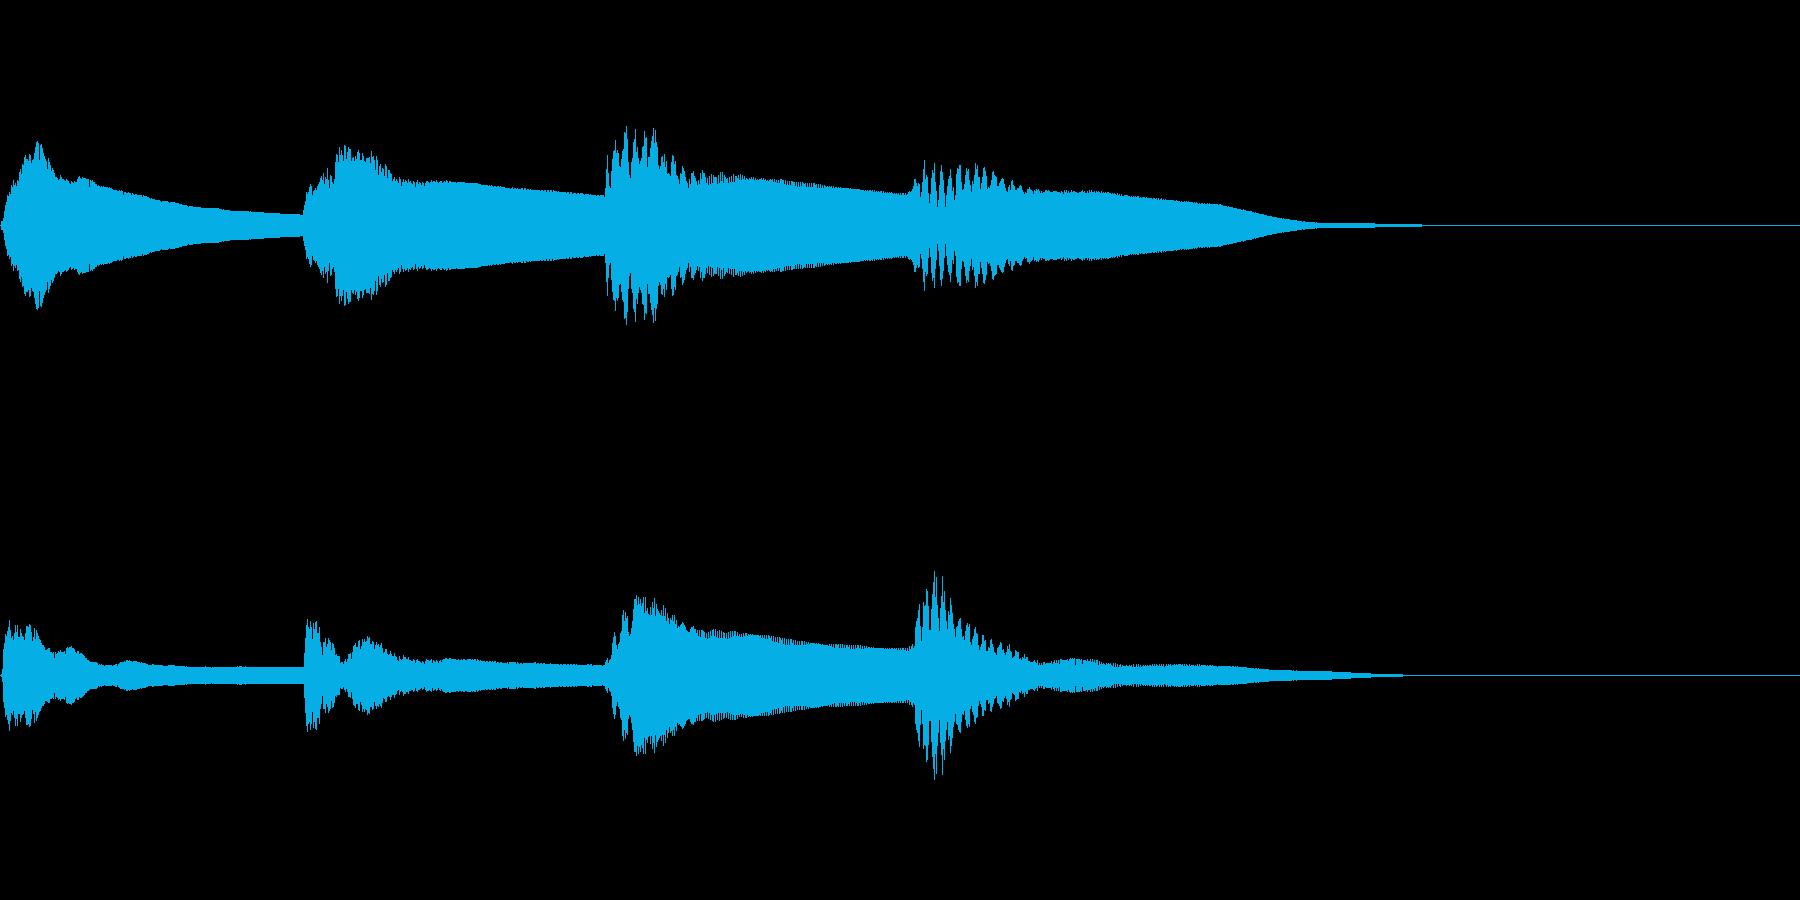 アナウンスのピンポンパンポンの音2 下降の再生済みの波形